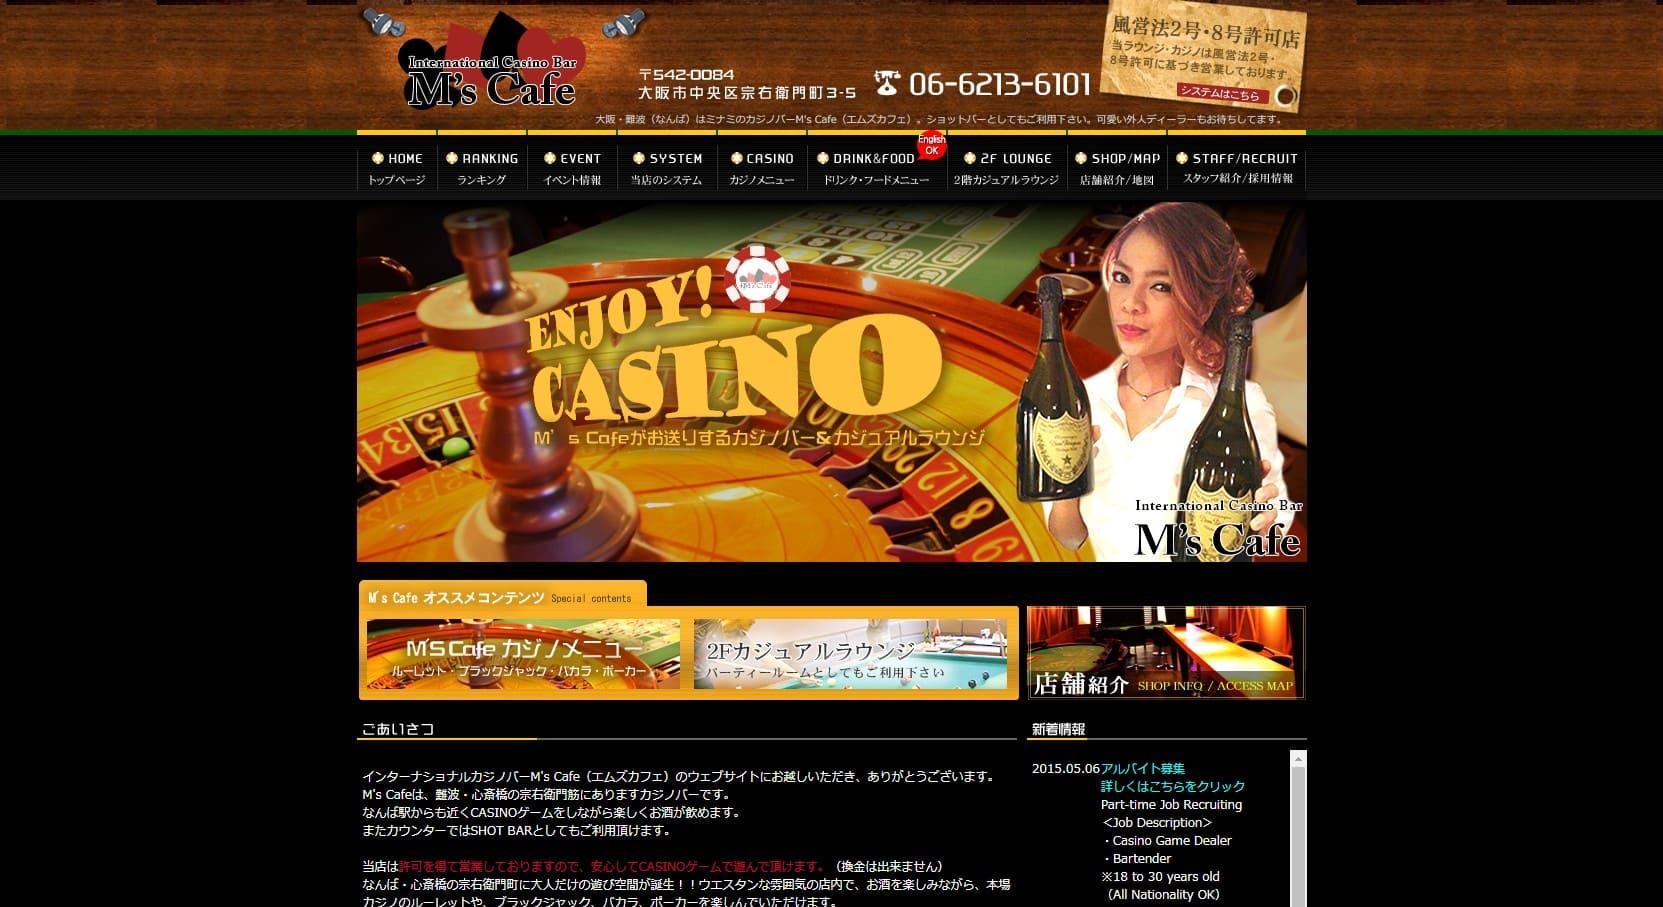 M's Cafeのウェブサイト画像。